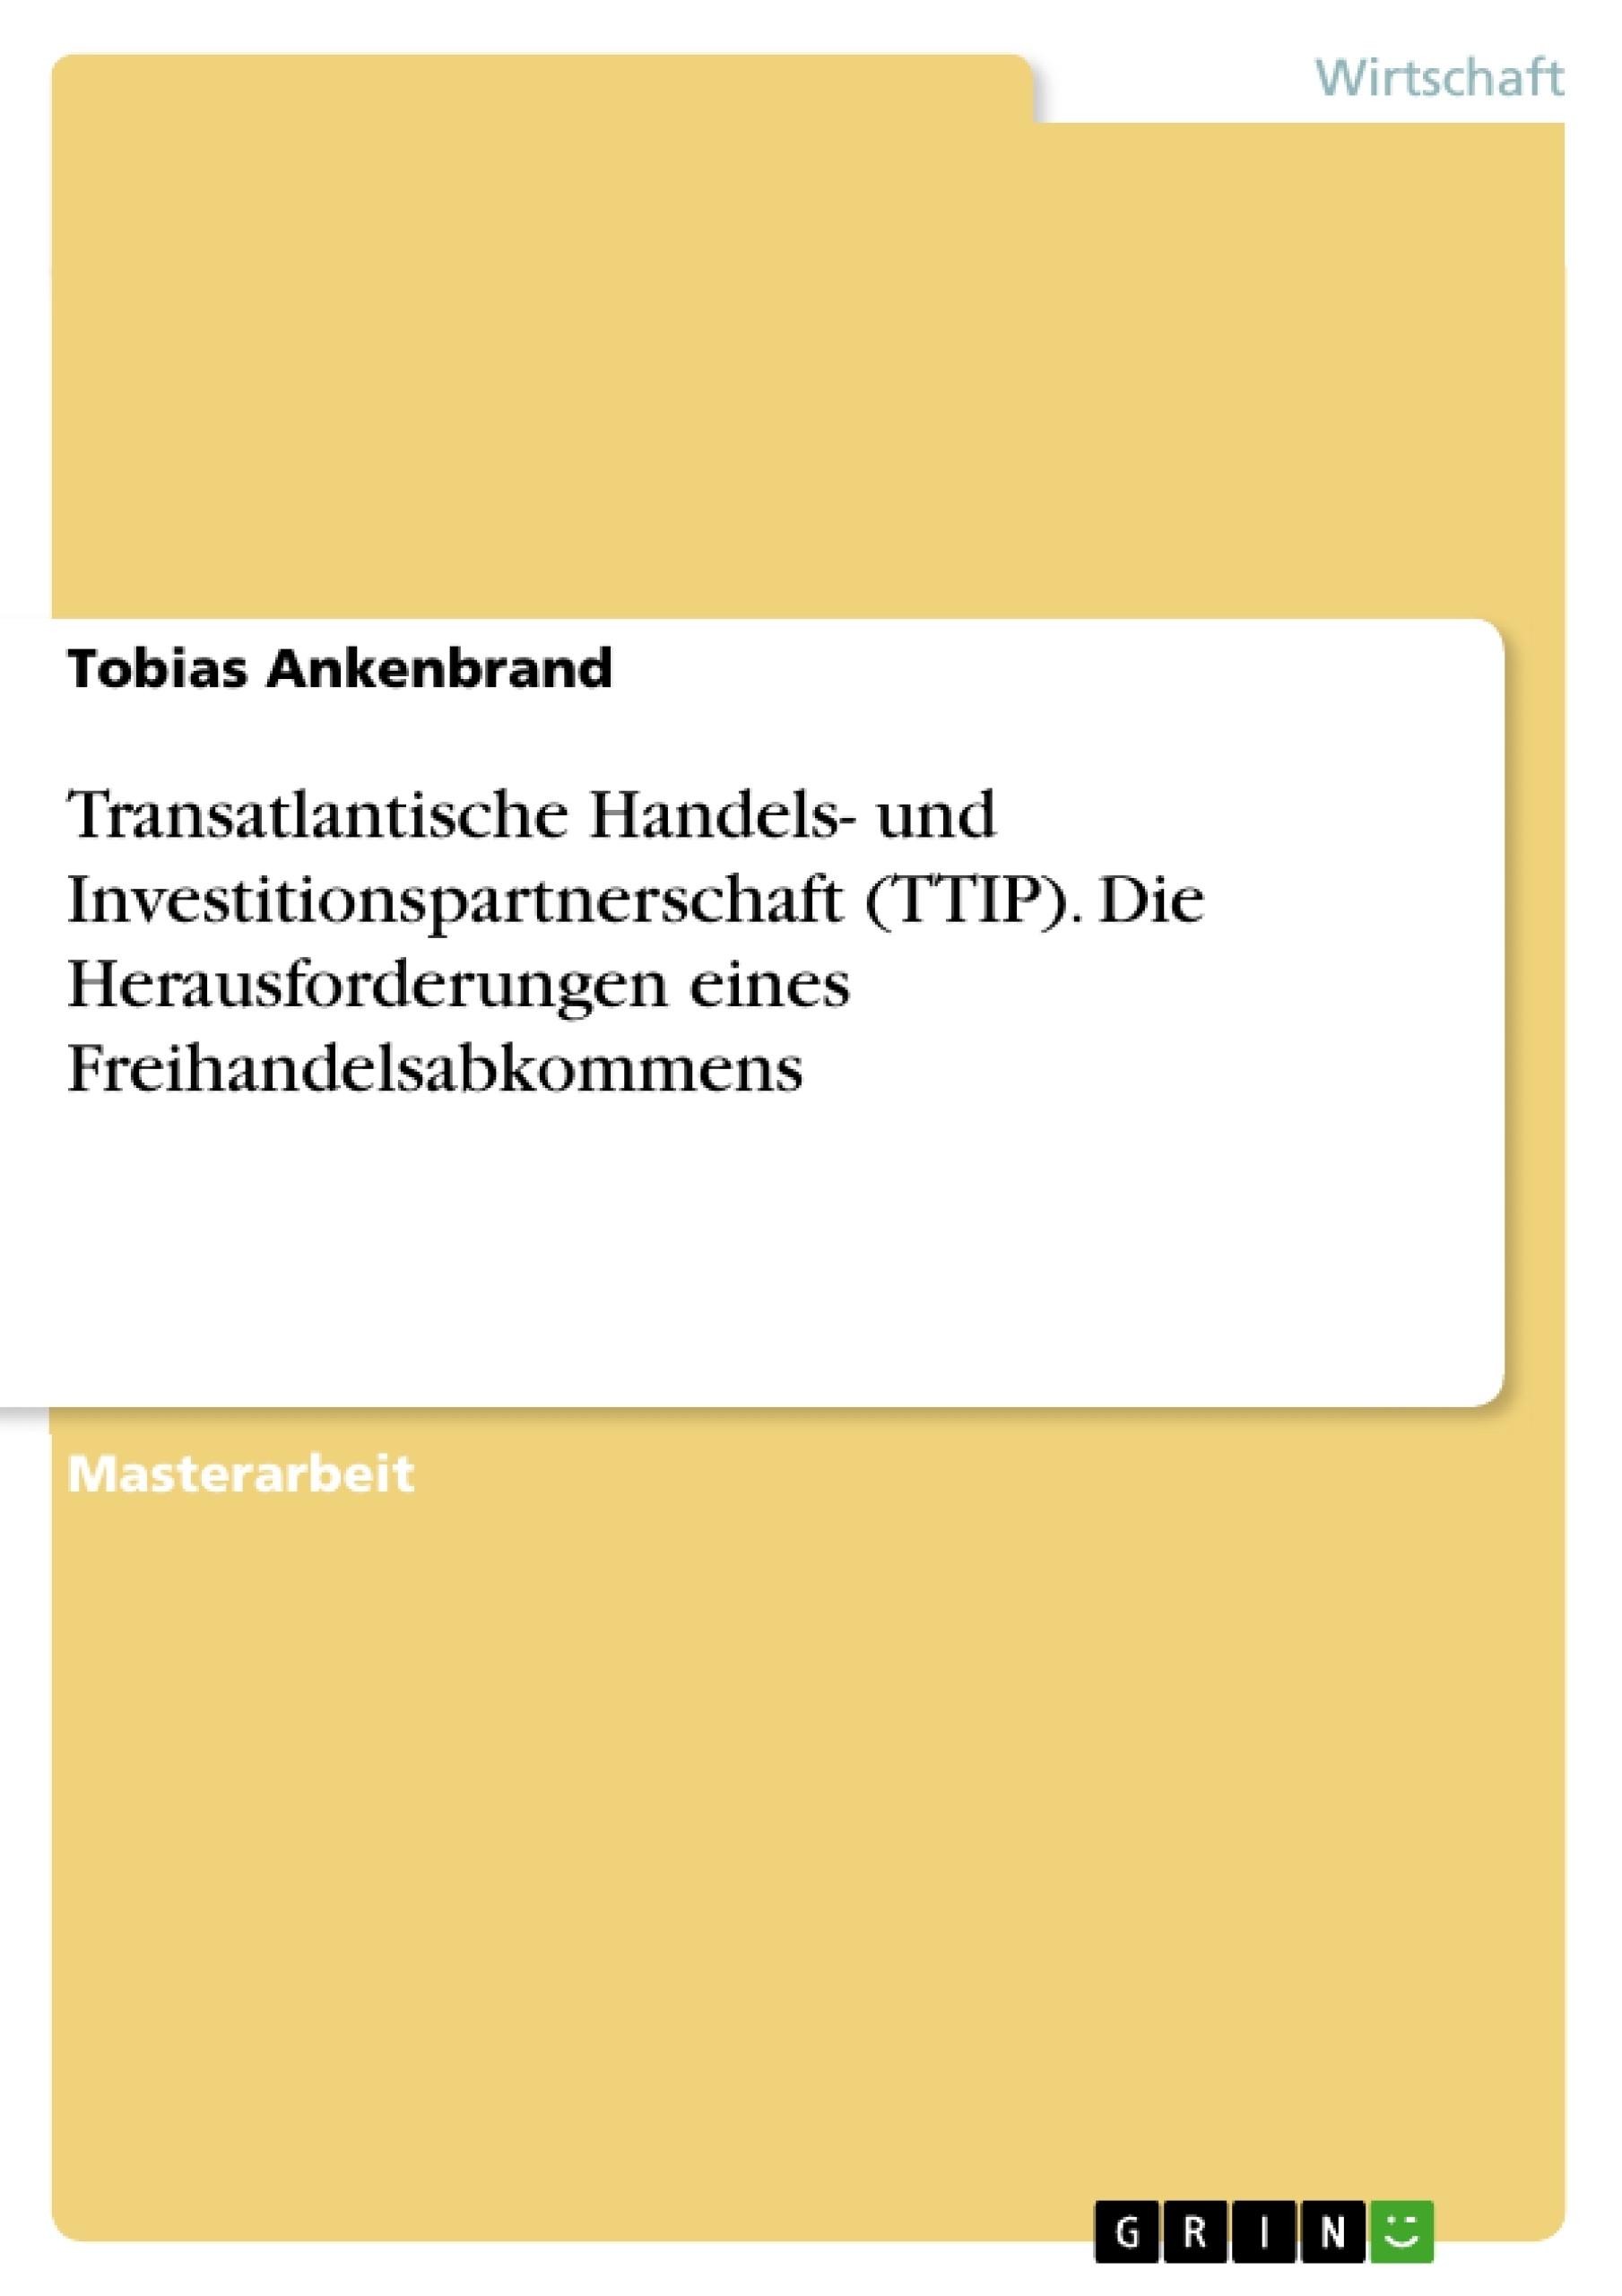 Titel: Transatlantische Handels- und Investitionspartnerschaft (TTIP). Die Herausforderungen eines Freihandelsabkommens